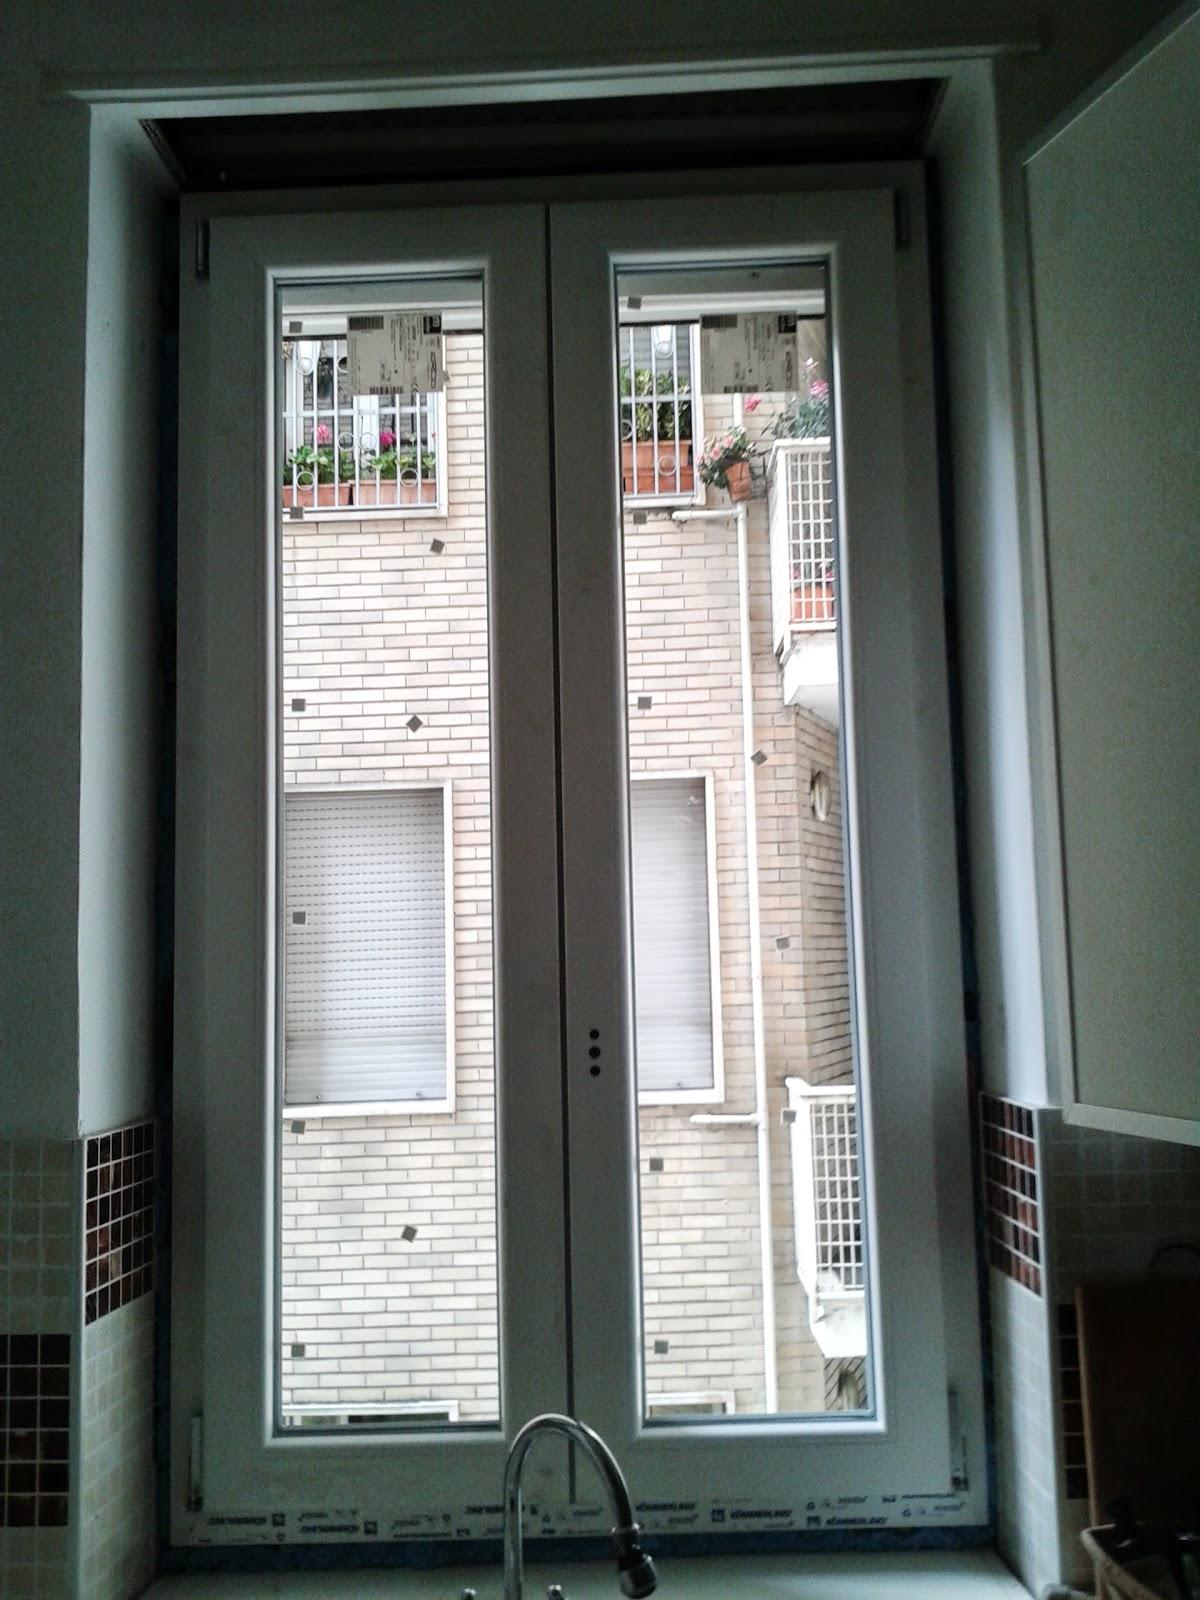 100 metri quadri di mondo finestre nuove solita polvere - Quadri con finestre ...